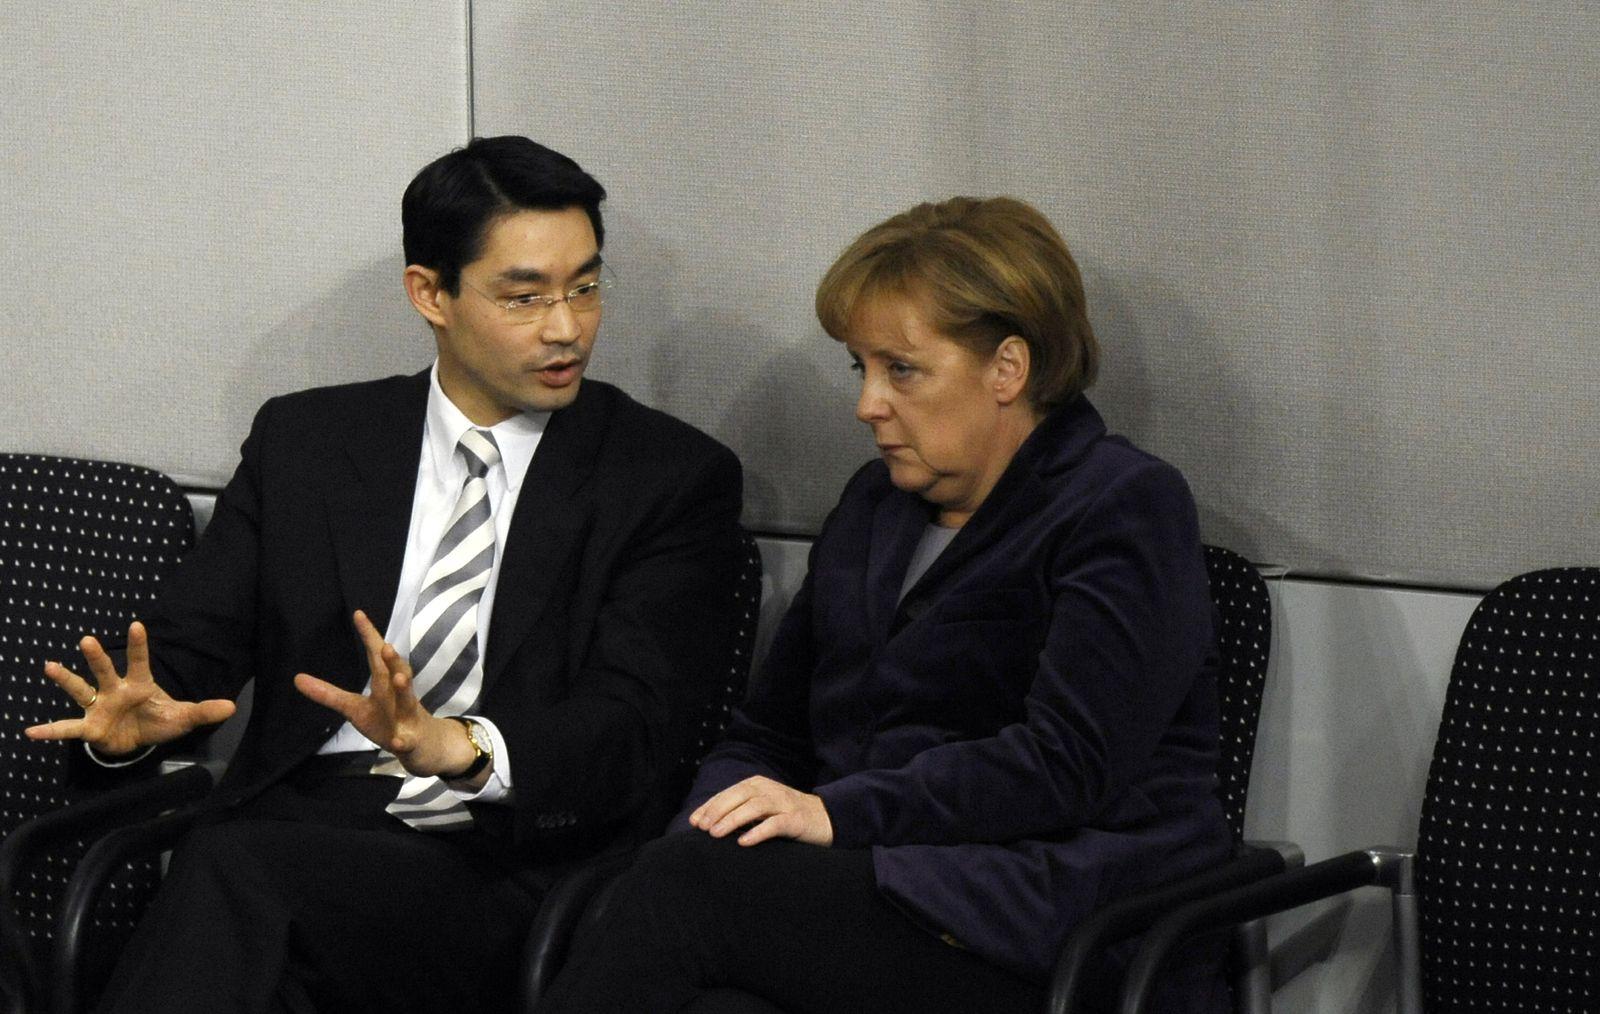 NICHT VERWENDEN Rsöler / Merkel